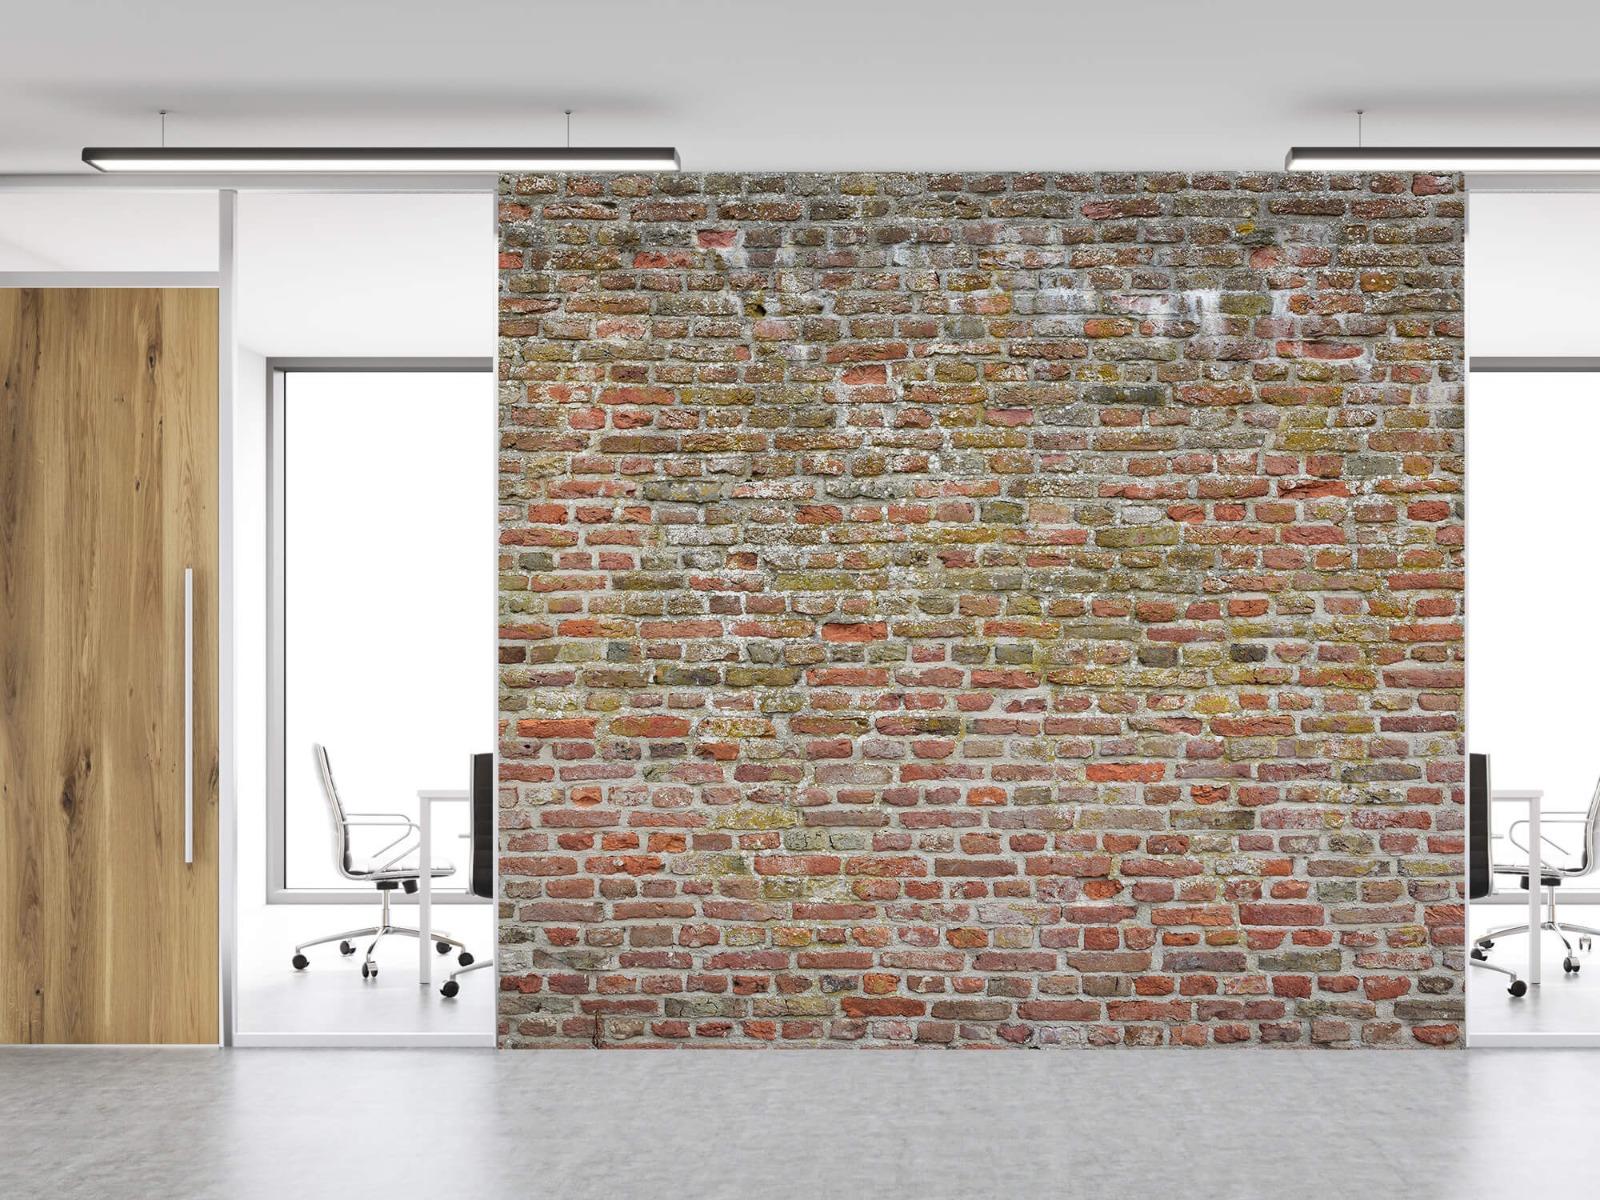 Stenen - Karakteristieke stadsmuur 11